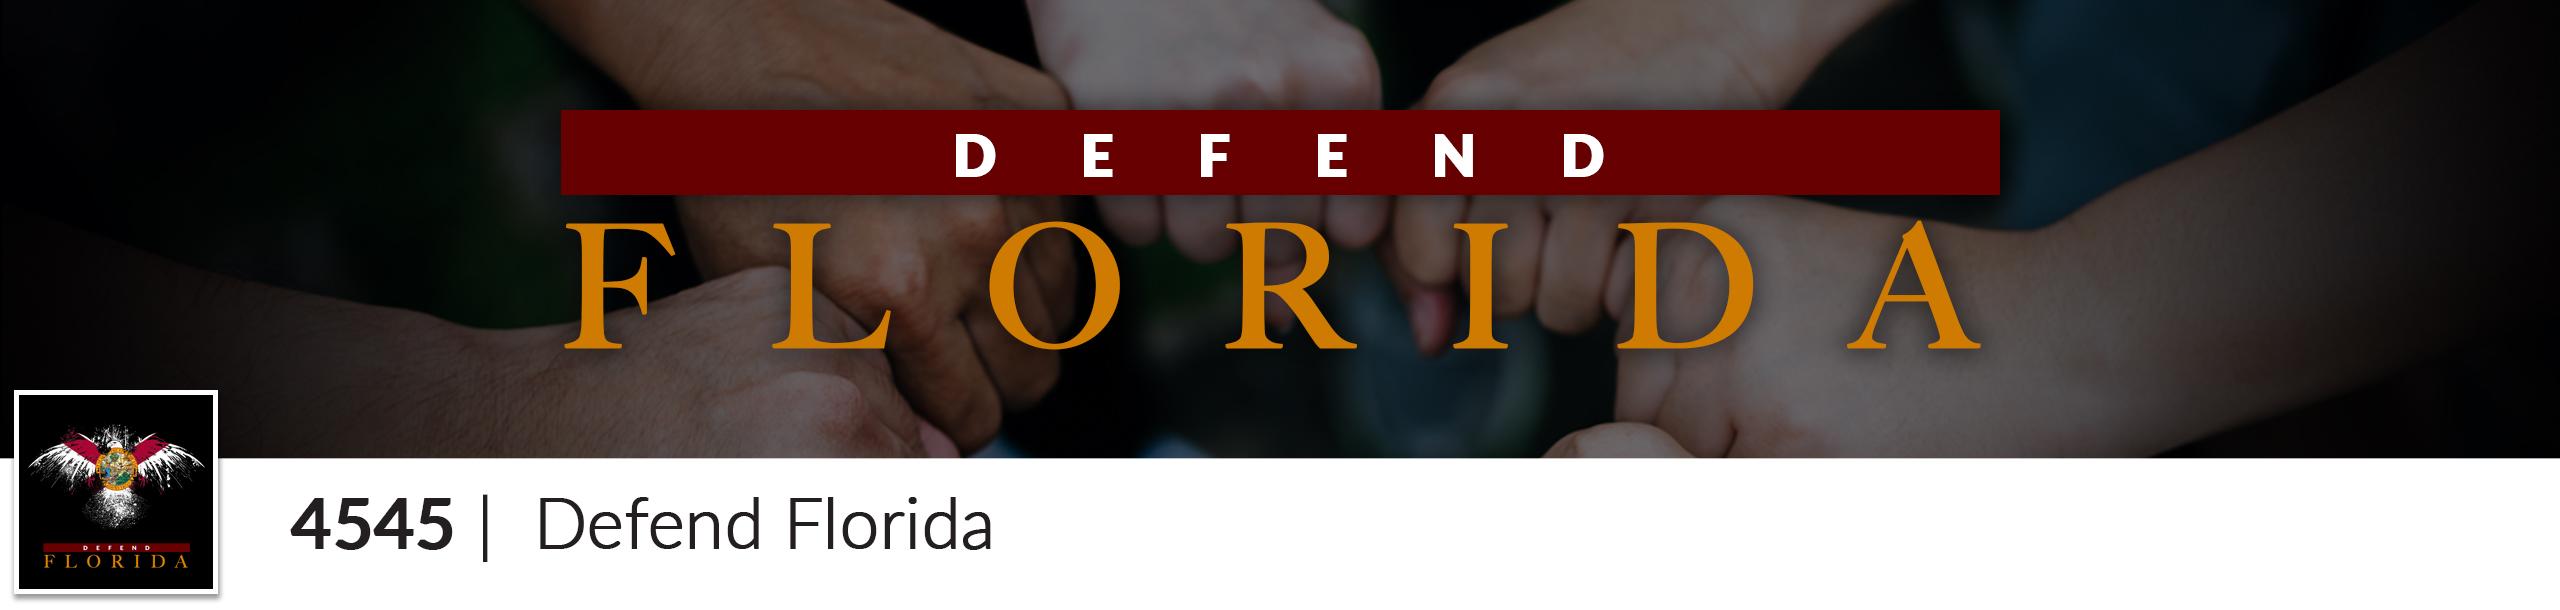 DefendFlorida-header1